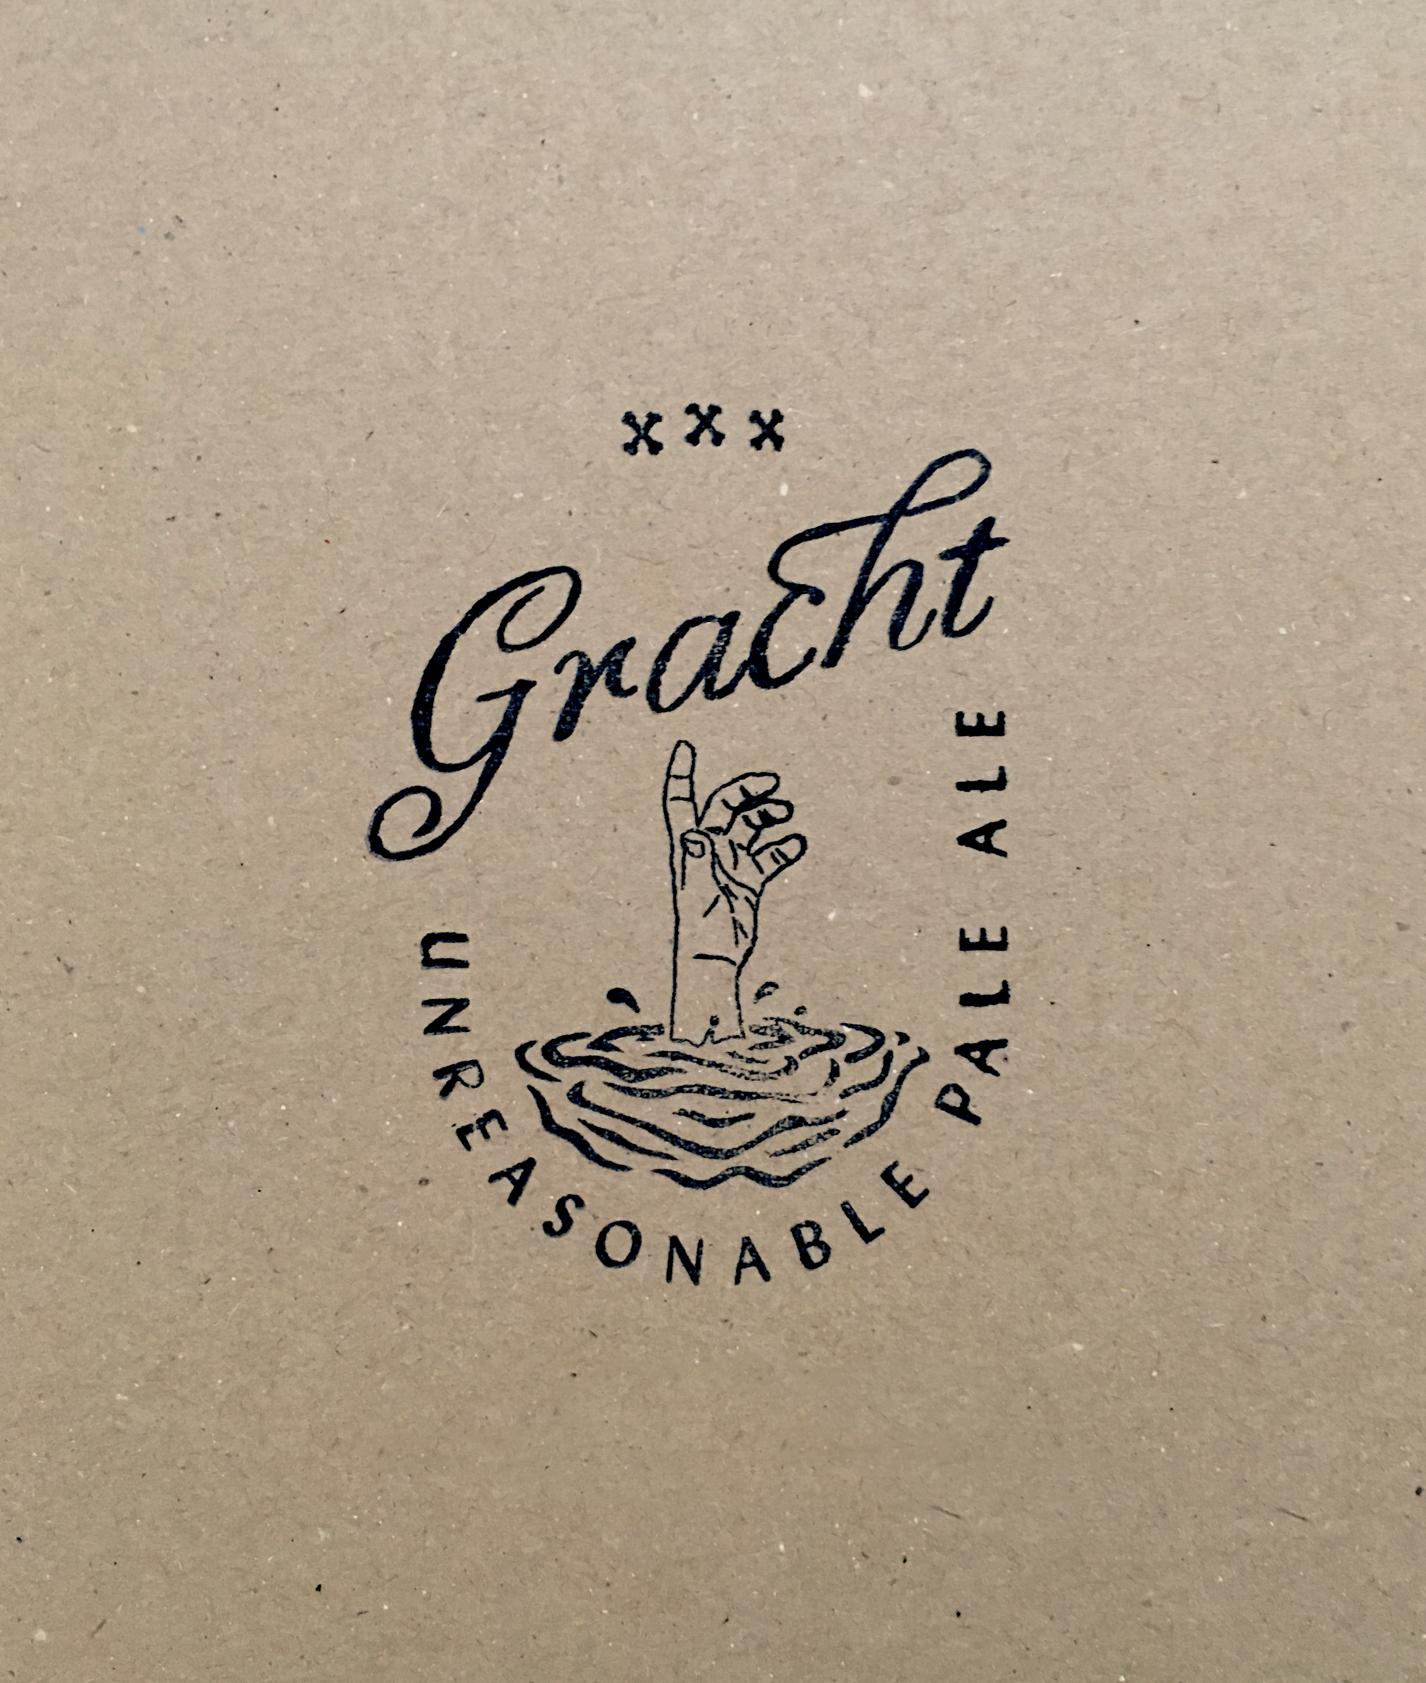 Gracht-Stamp-Photo.jpg